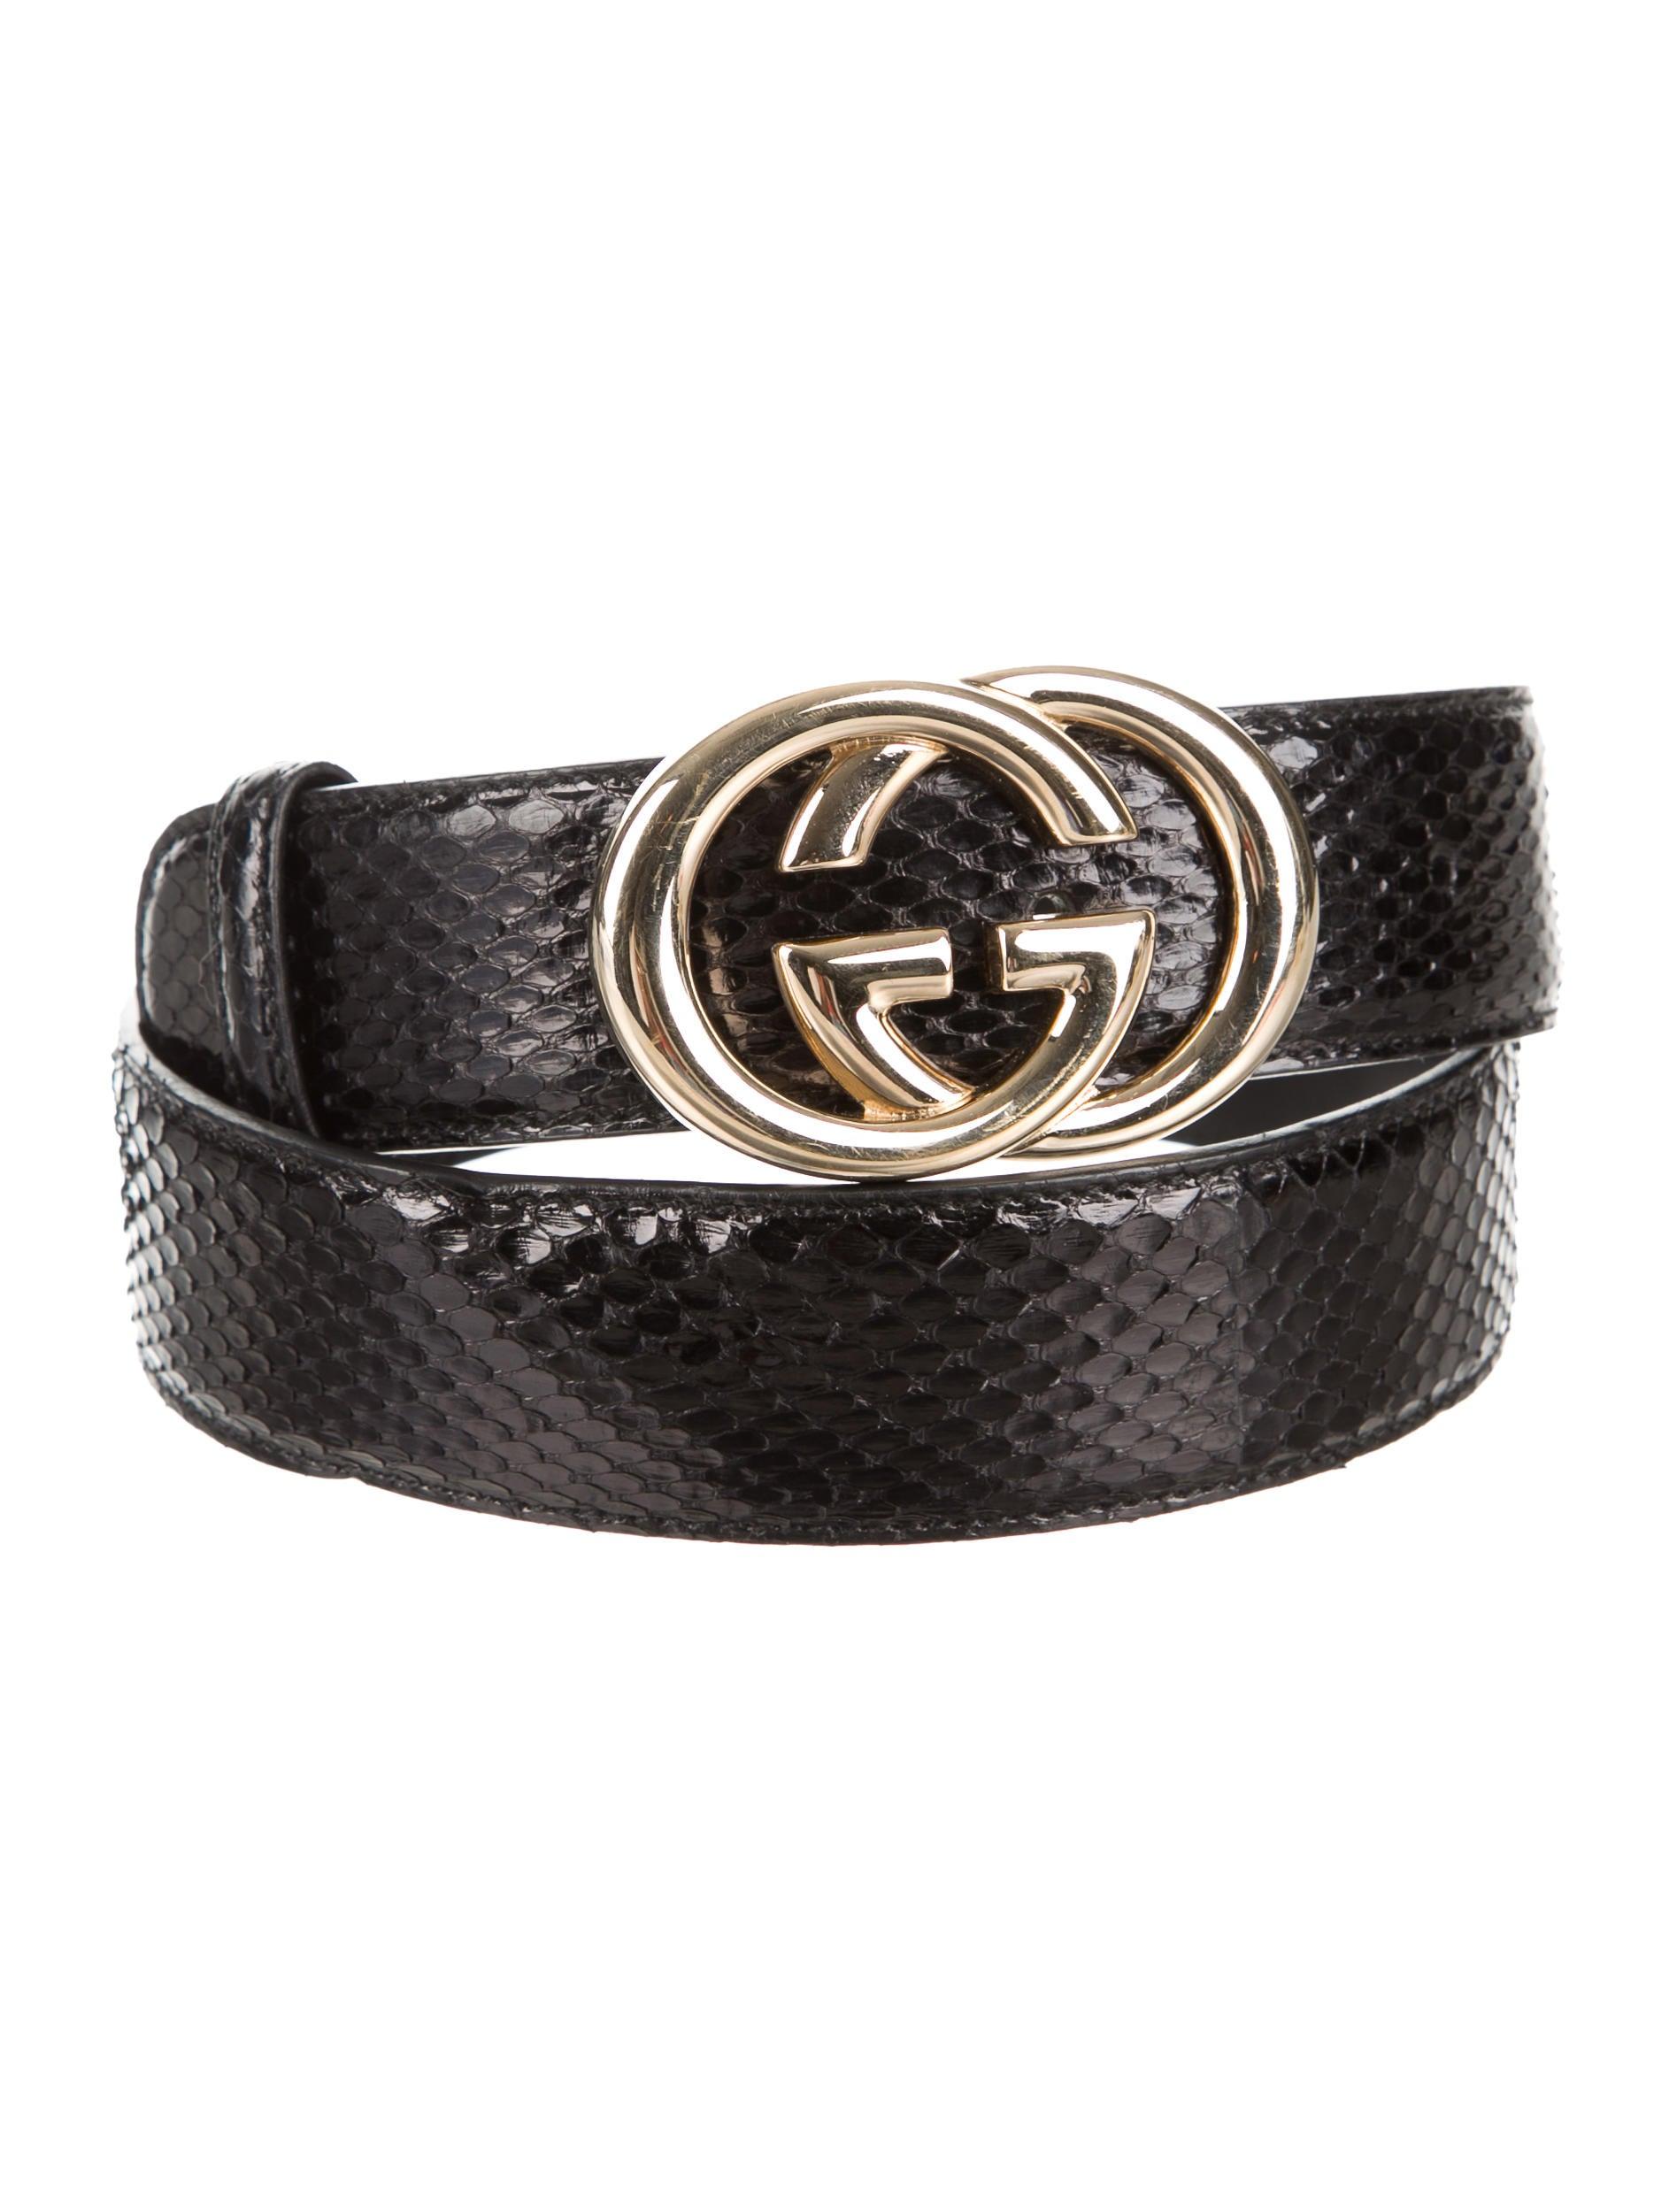 Gucci Snakeskin Interlocking Gg Belt Accessories